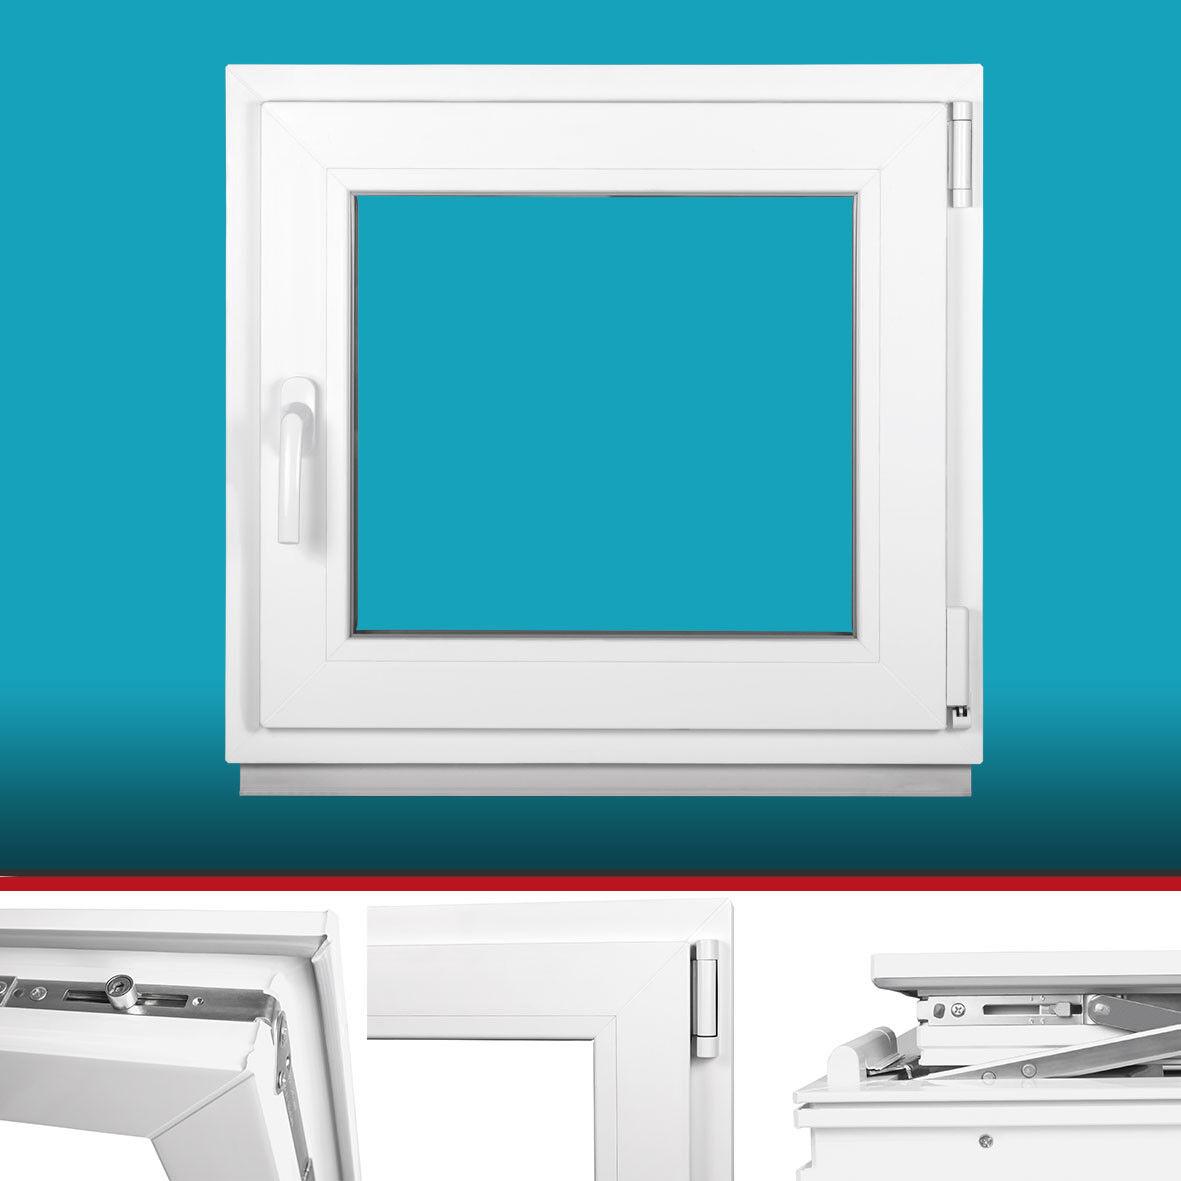 Kunststofffenster Fenster - 3 fach - BxH 85x55 cm - weiß - Dreh Kipp - Premium